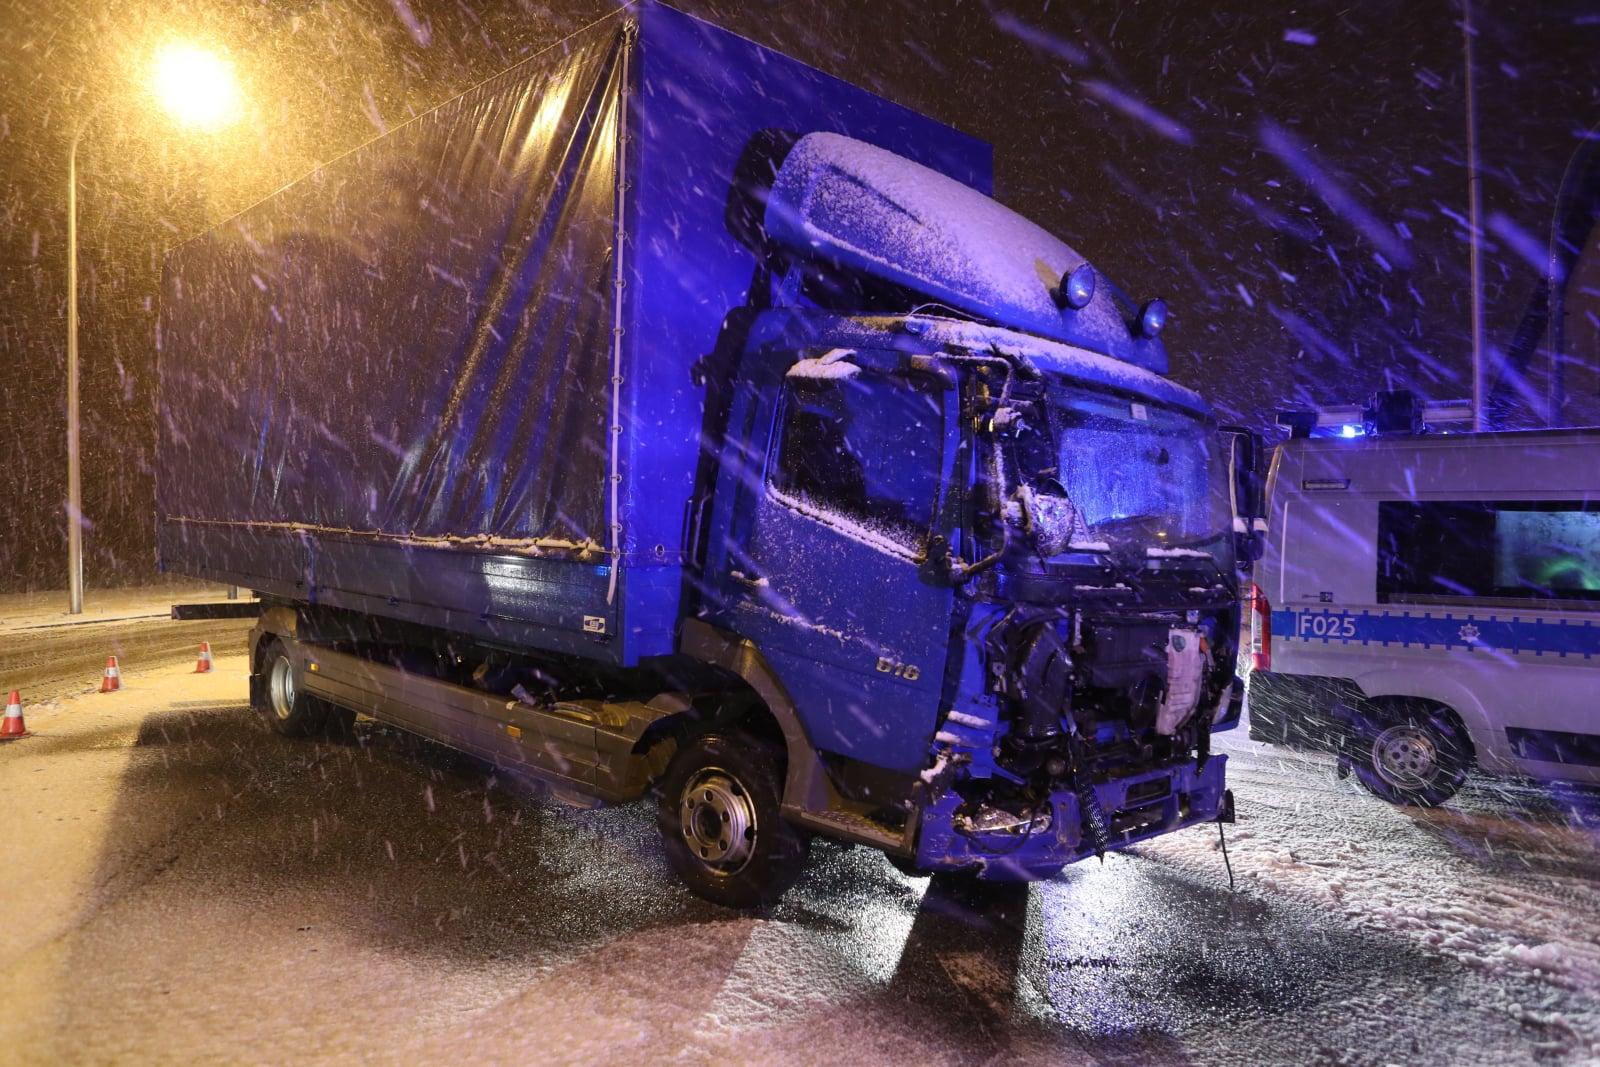 Miejsce wypadku w Ozorkowie. Dziewięć osób zostało rannych w zderzeniu autobusu, samochodu ciężarowego i osobowego, fot. PAP/Marek Kliński